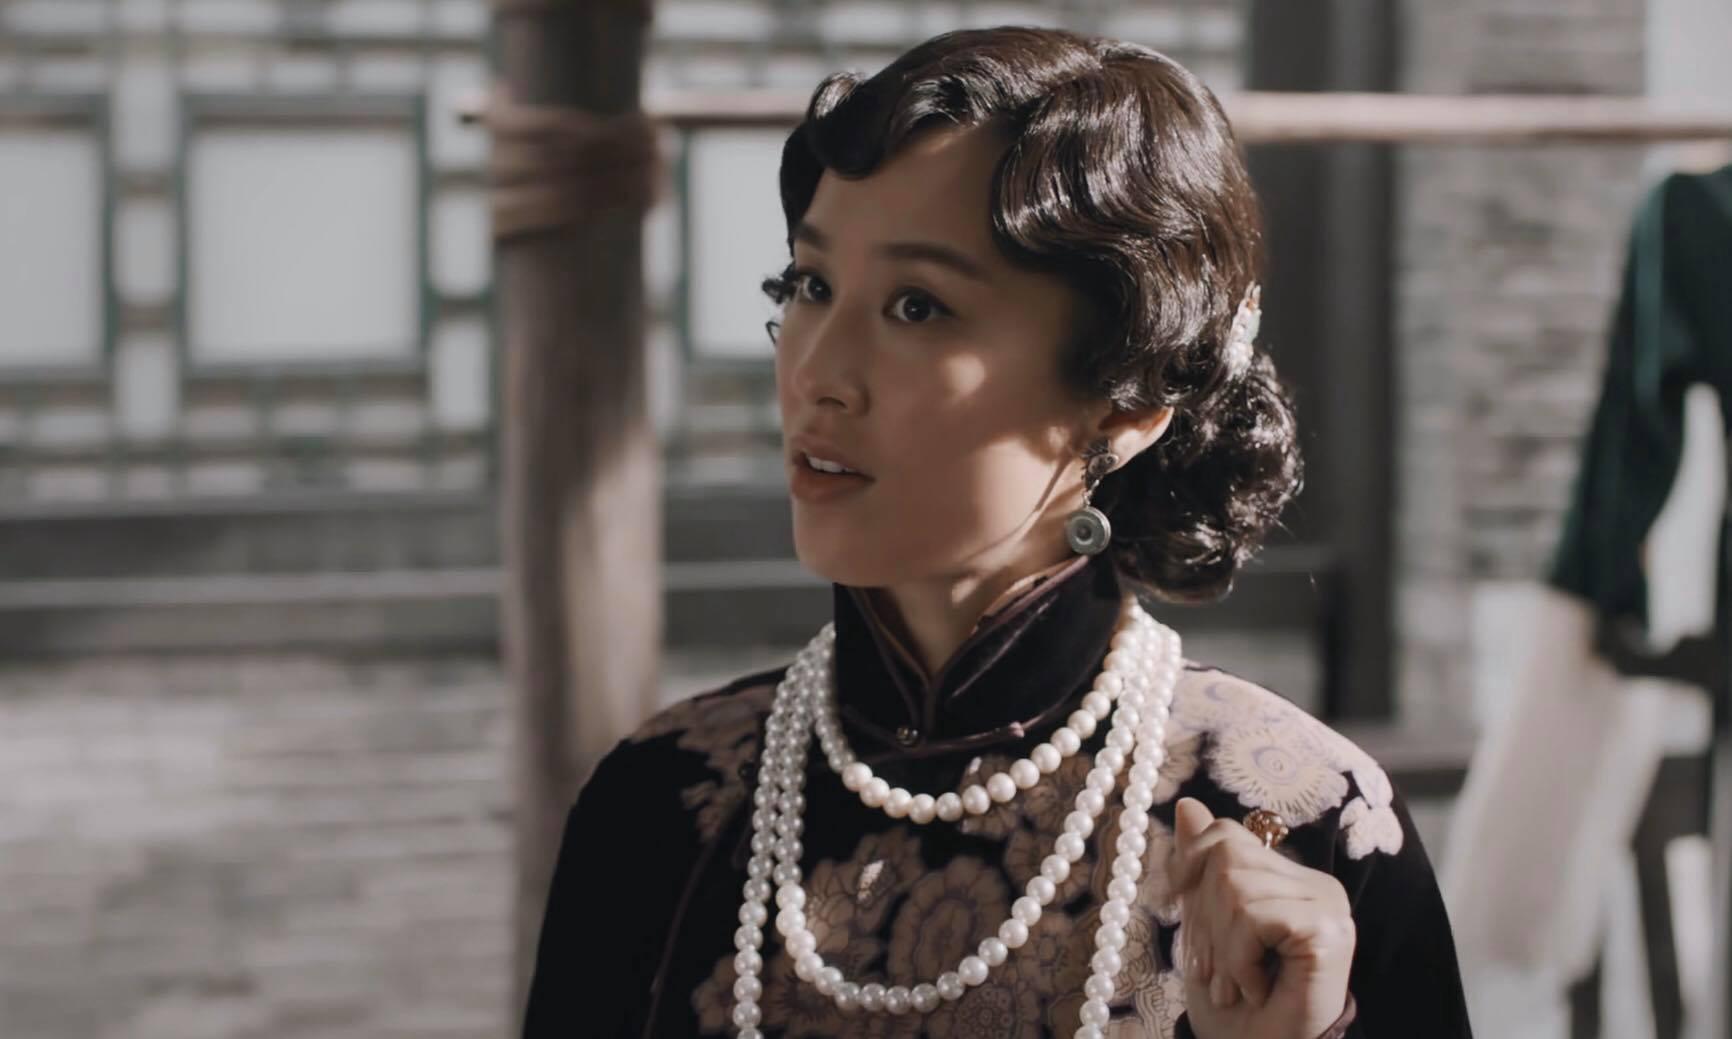 Sợ cô sẽ gây chuyên nên Tào Quý Tu đã nhờ Trình Phượng Đài sắp xếp chỗ và yêu cầu cô thay đổi cách ăn mặc.